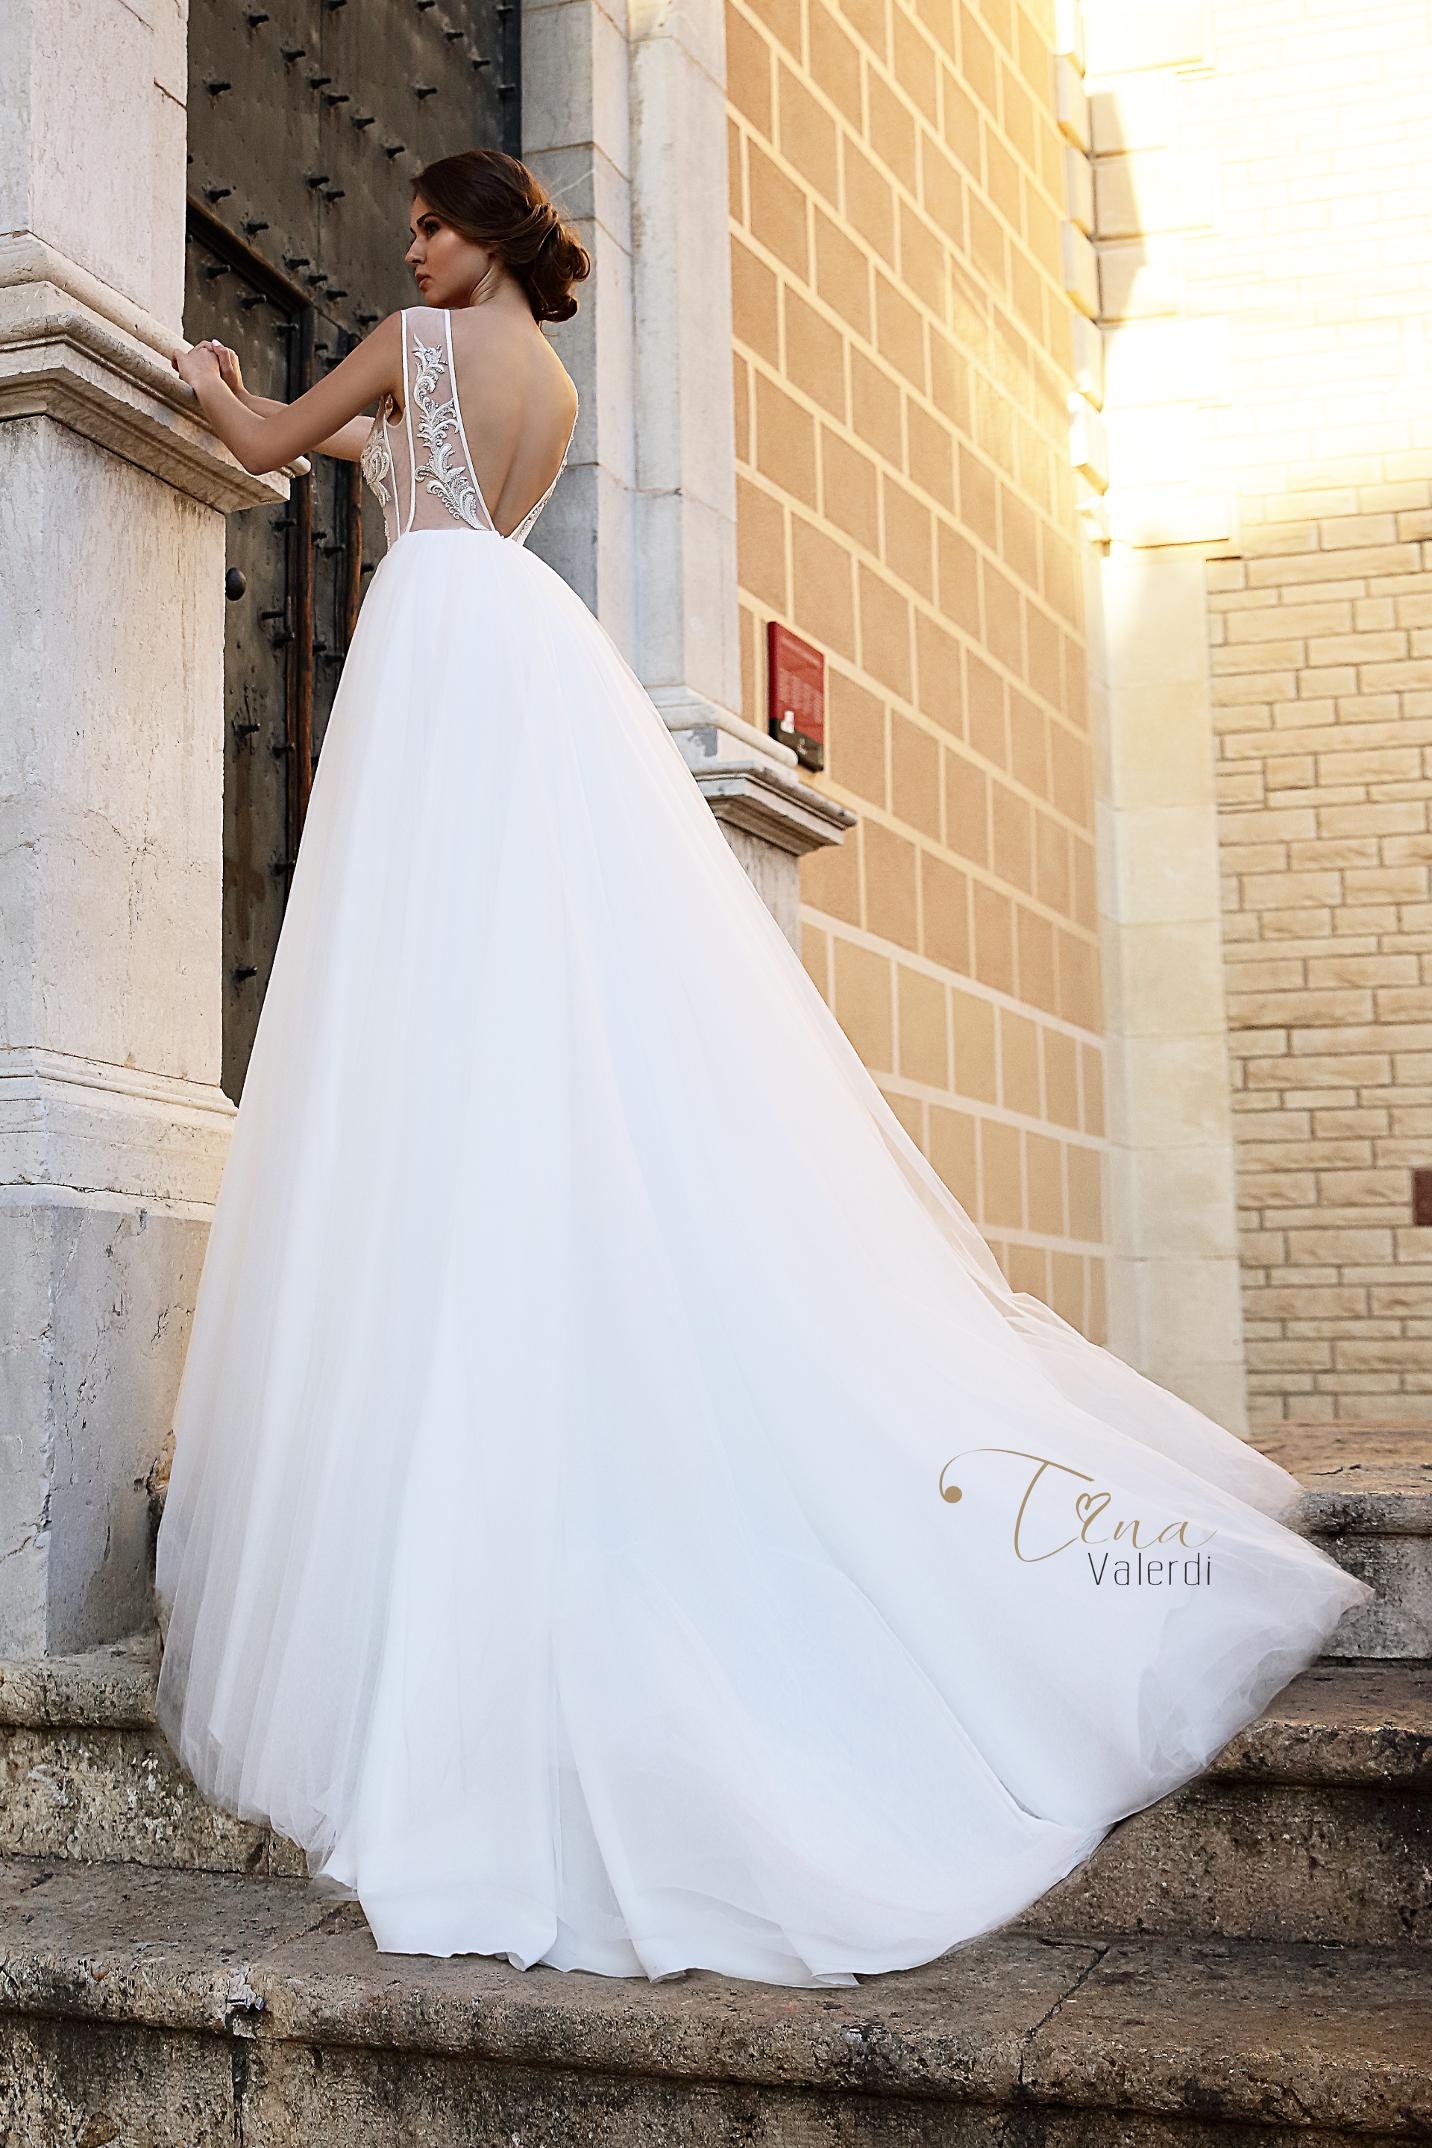 vestuvines sukneles tina valerdi Francisca4